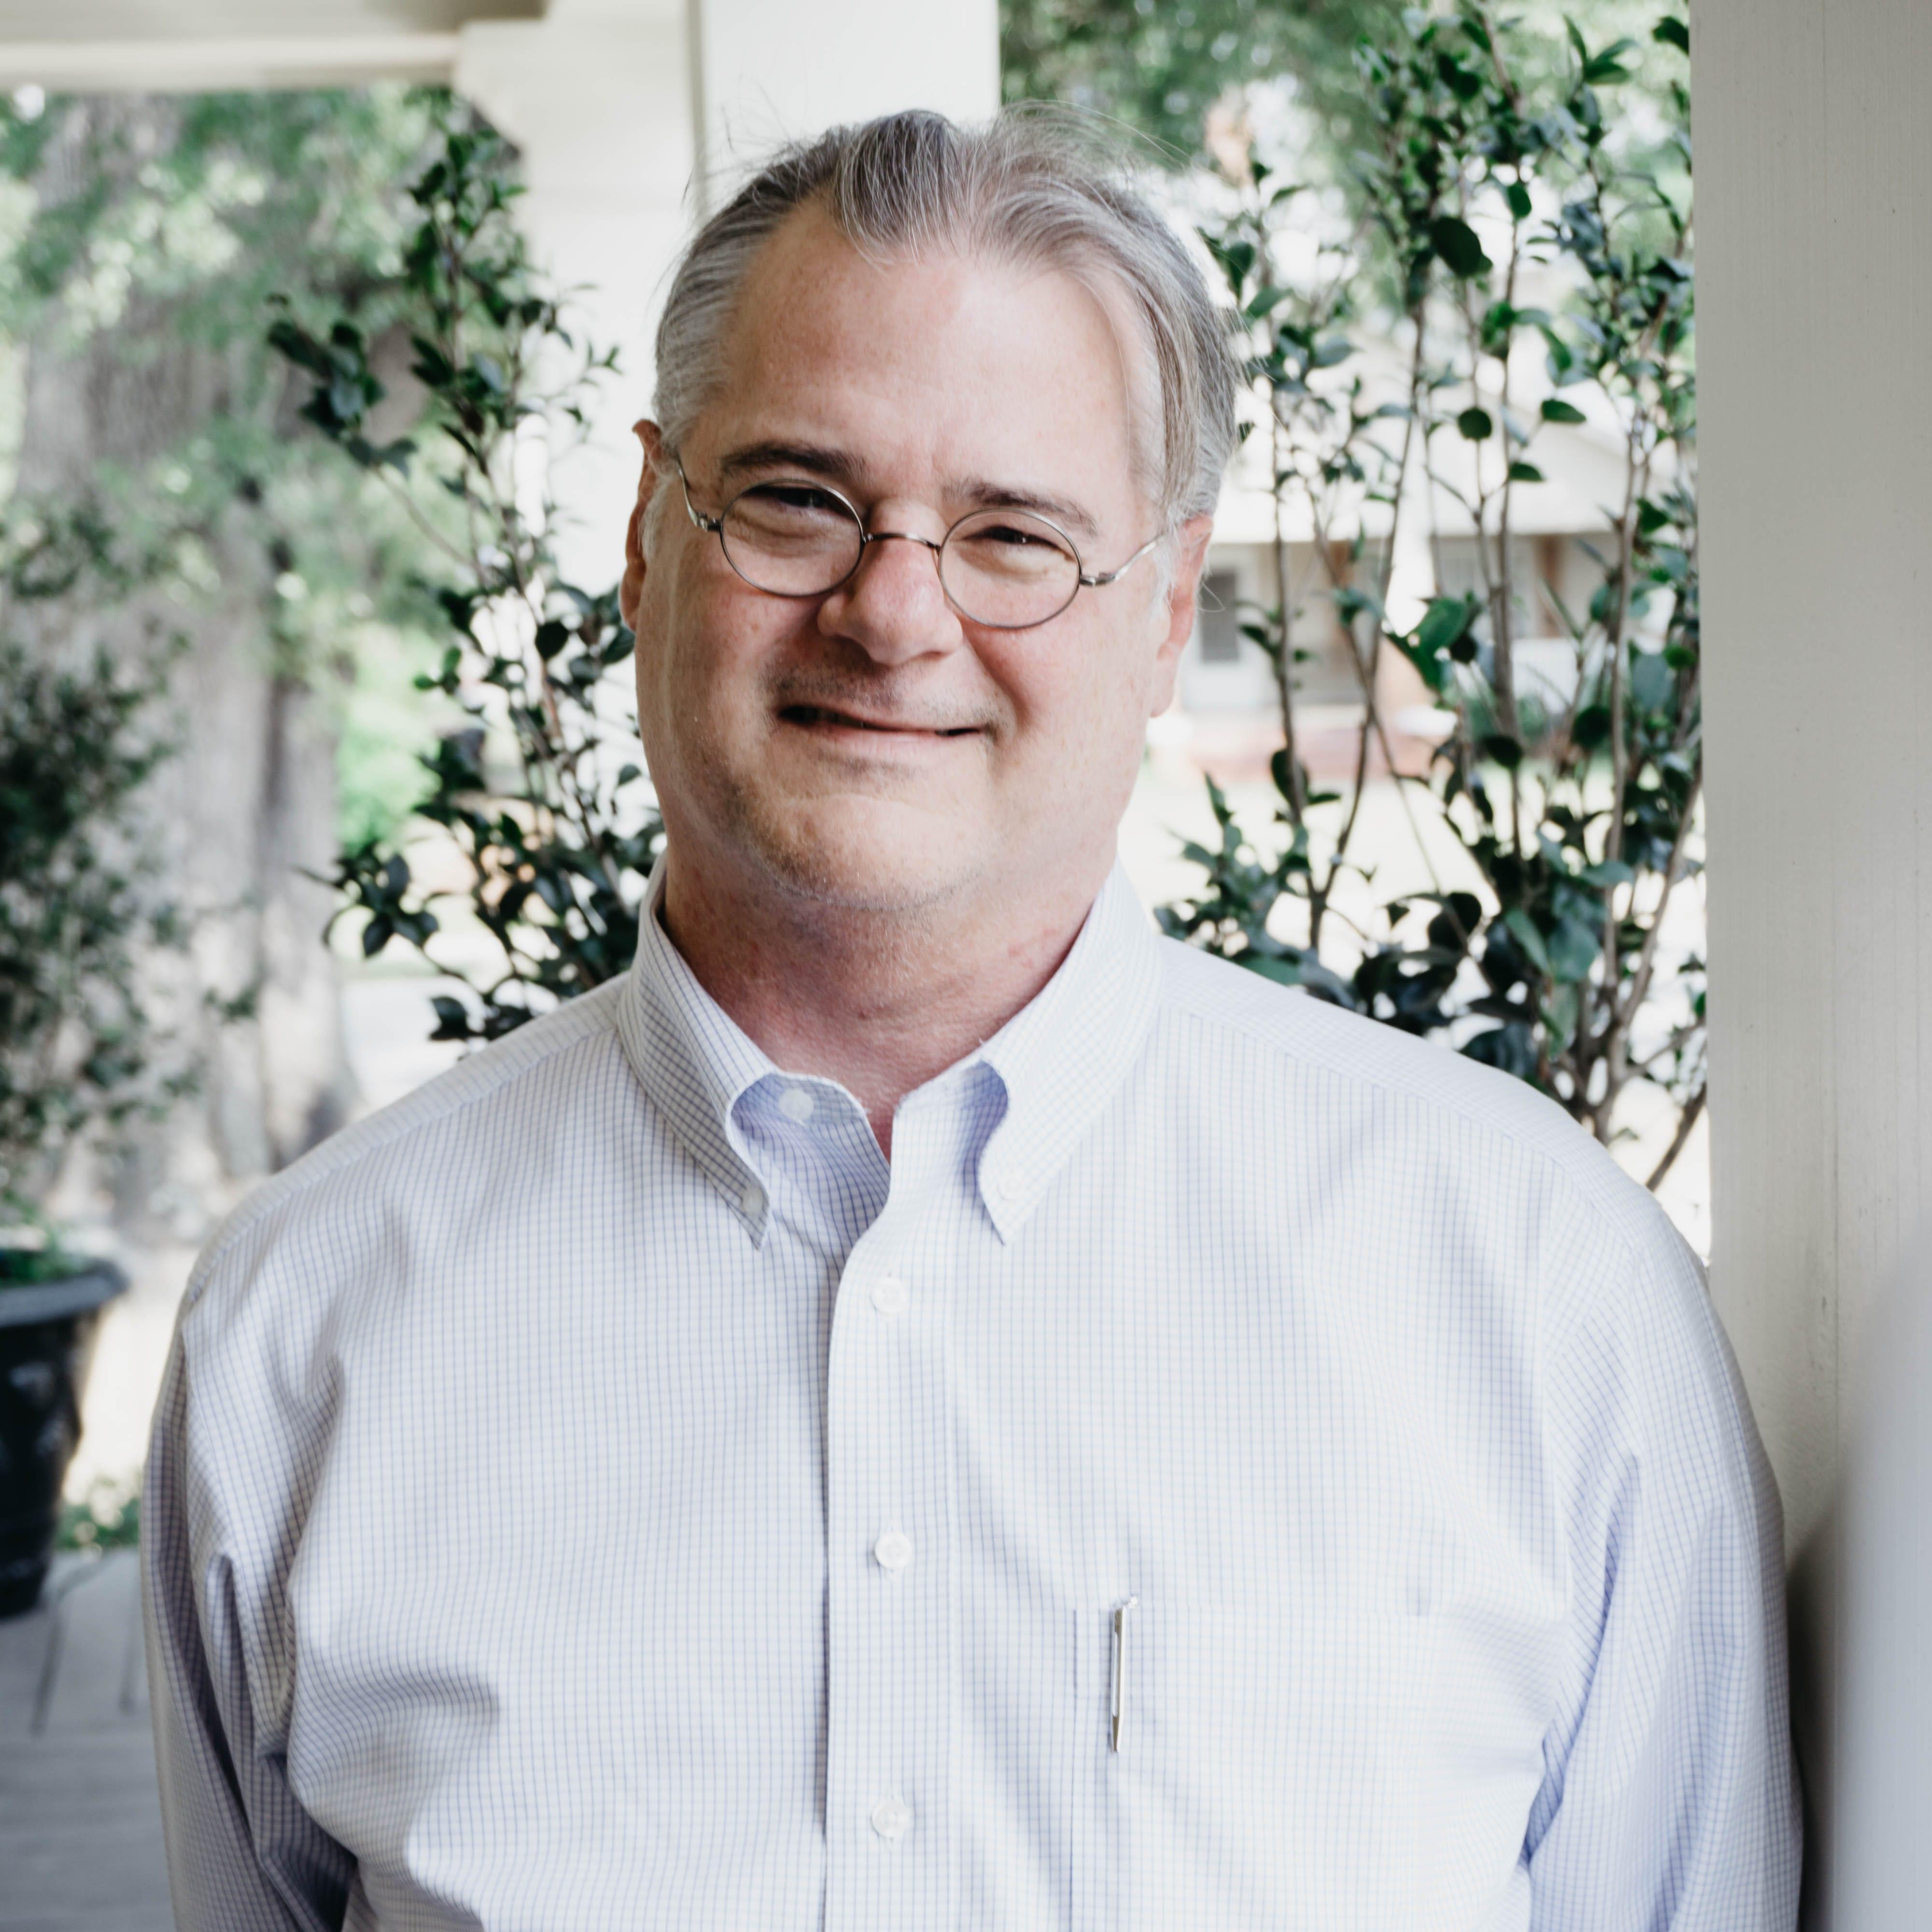 Bob Beauchamp Lawyer & Partner of Beauchamp & Idlett.